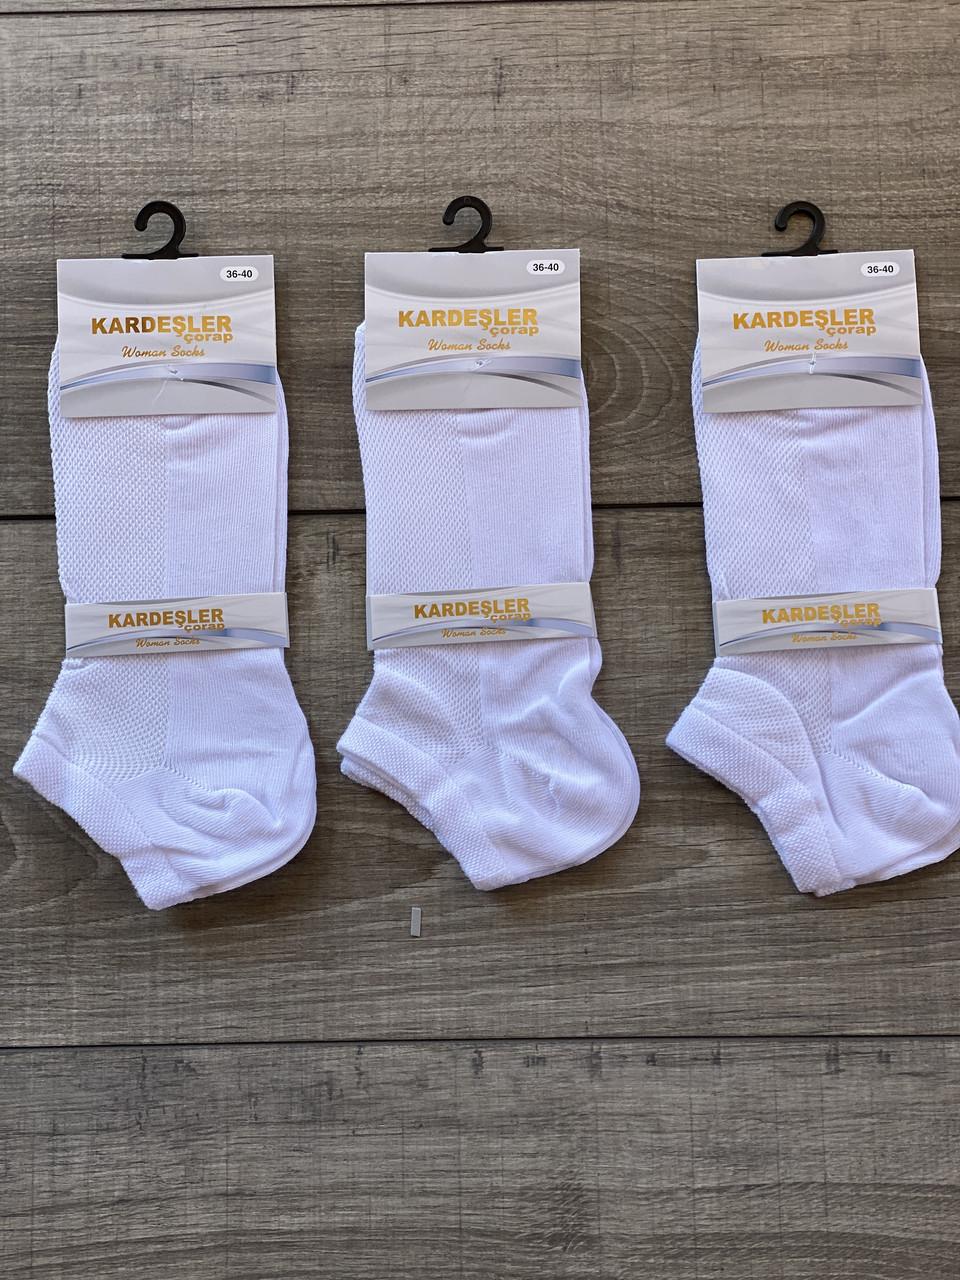 Женские носки котоновые в сетку Kardesler 36-40 12 шт в уп микс цветов белые